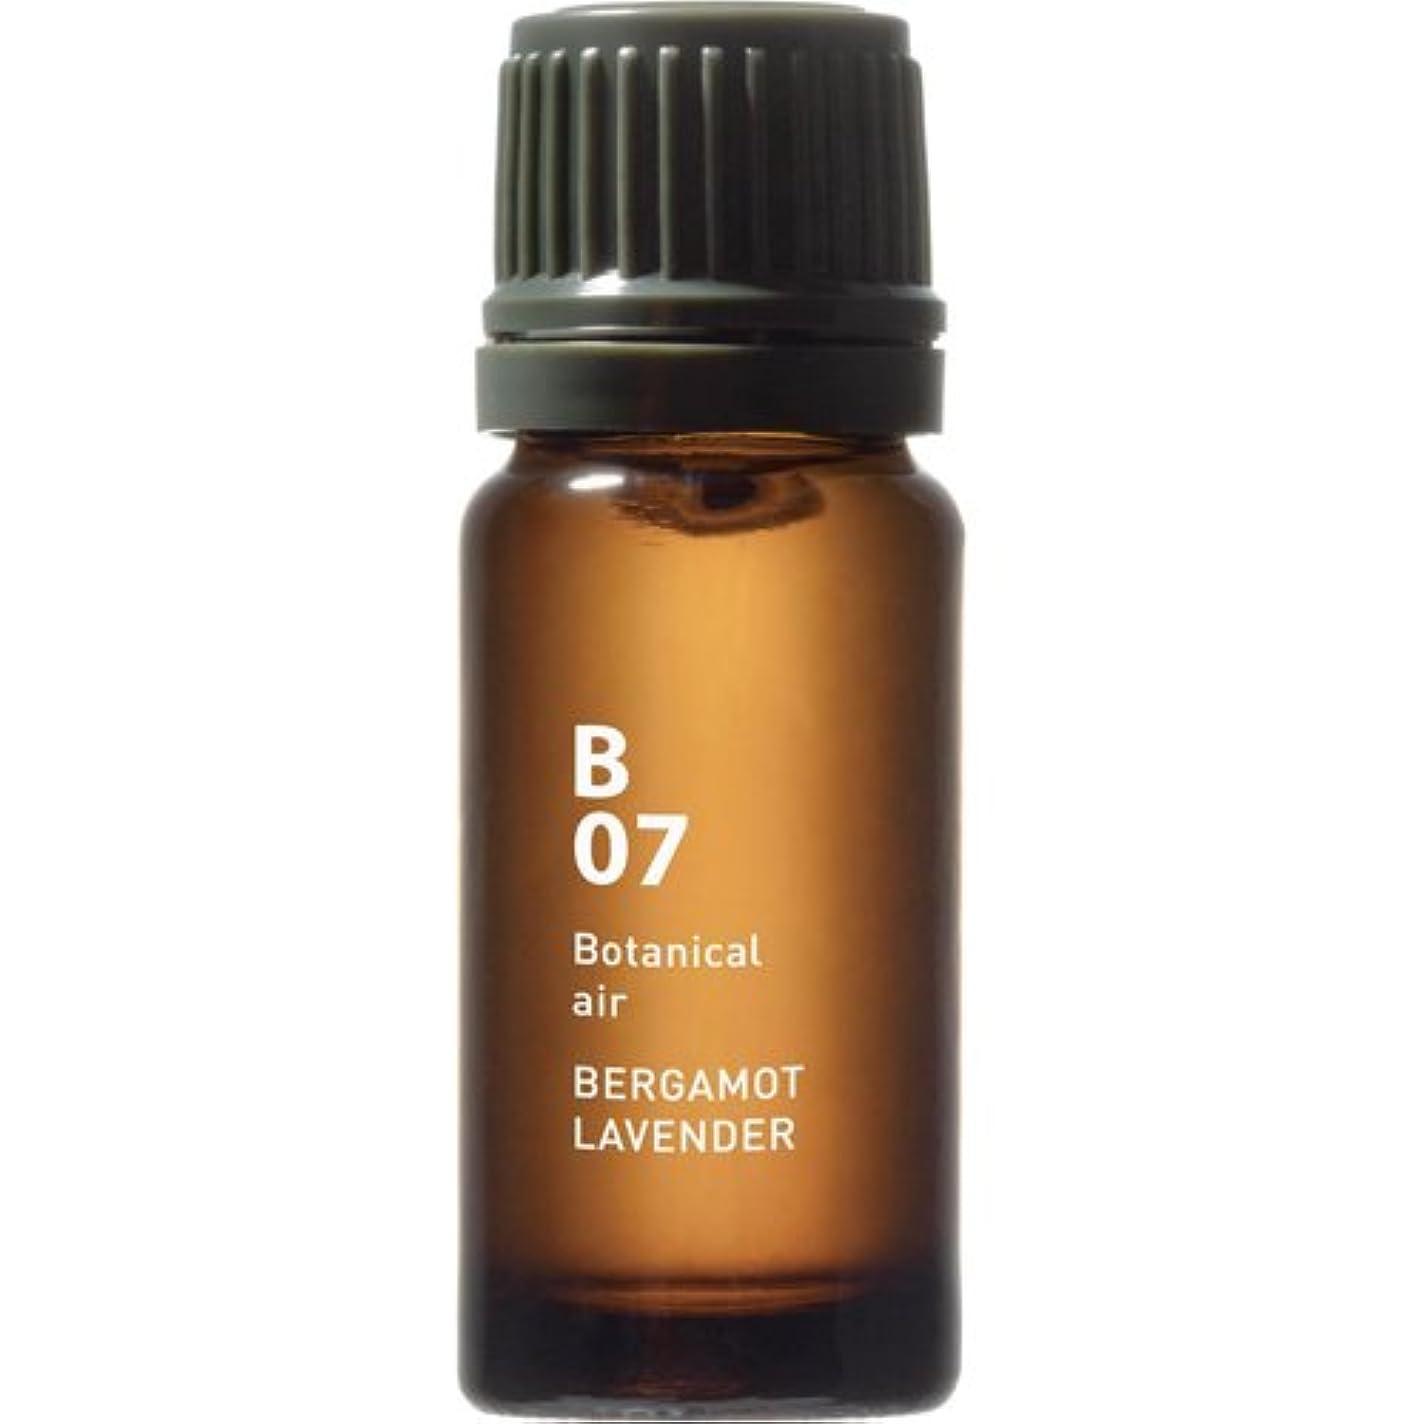 ますます放射能買収B07 ベルガモットラベンダー Botanical air(ボタニカルエアー) 10ml